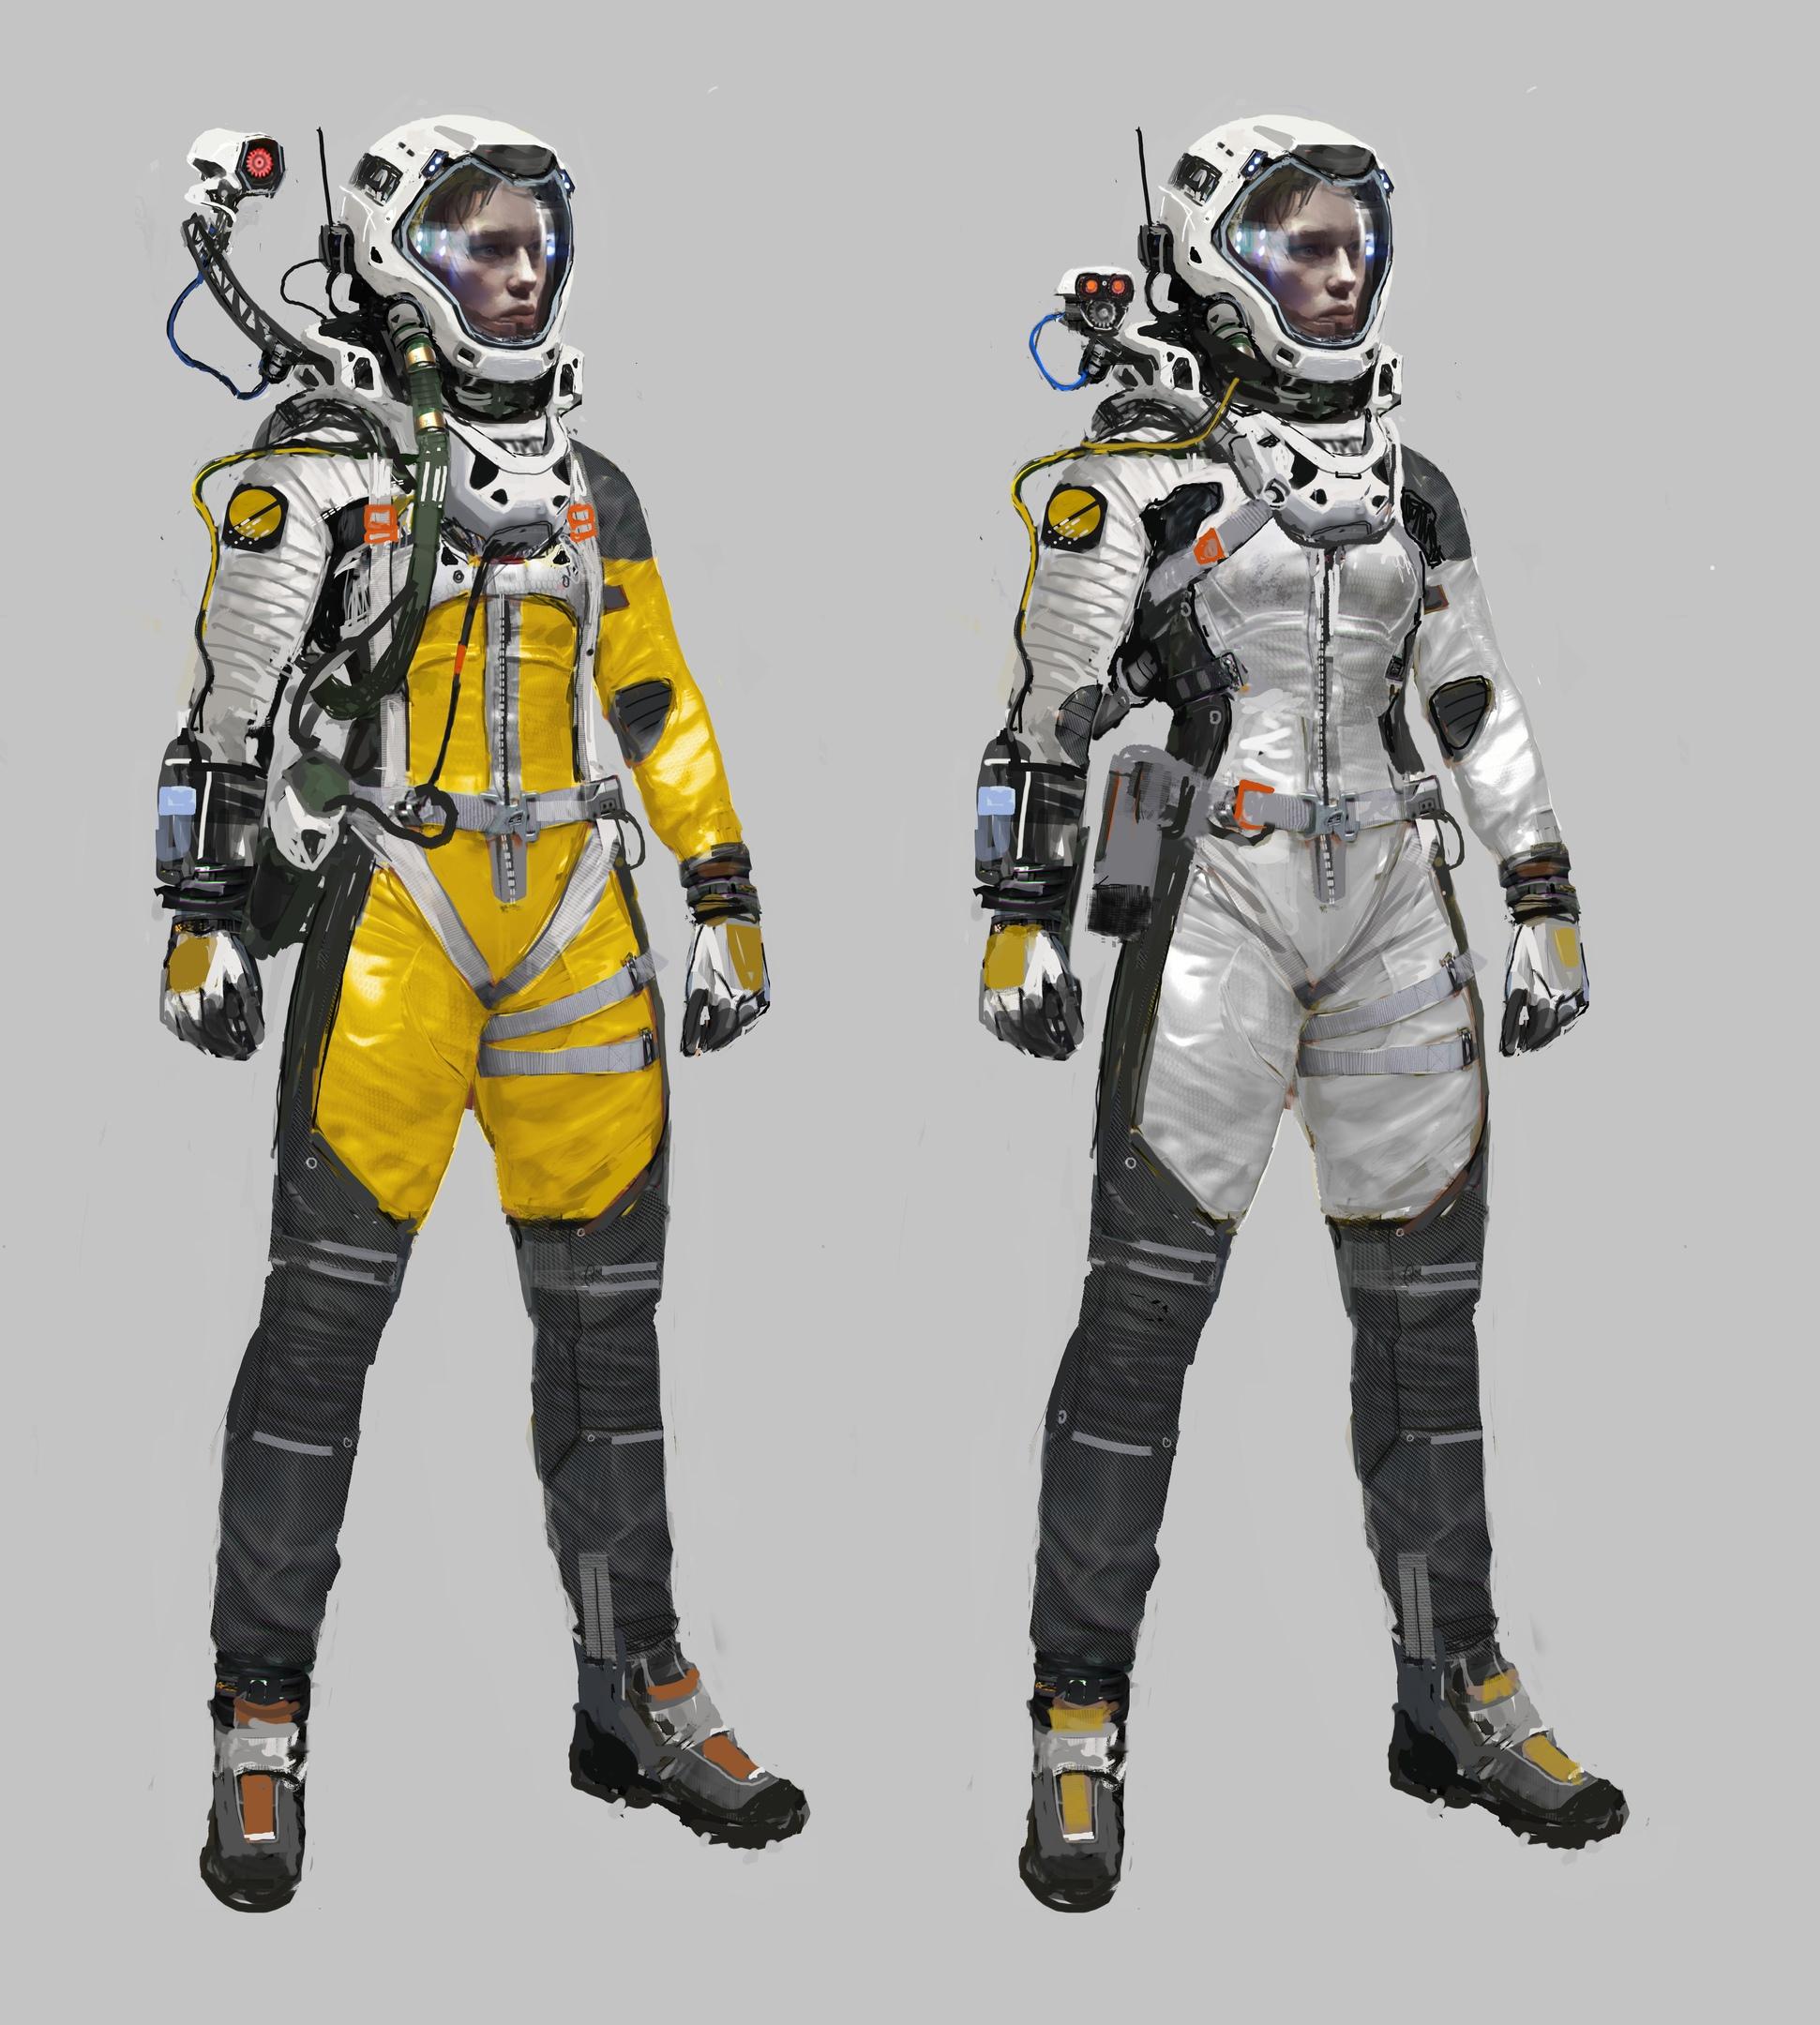 Яркий и чистый дизайн костюма — это холст, на котором можно отразить путешествие Селены. Костюм также позволяет отслеживать перемещения персонажа как в темной среде, так и в напряженном бою.